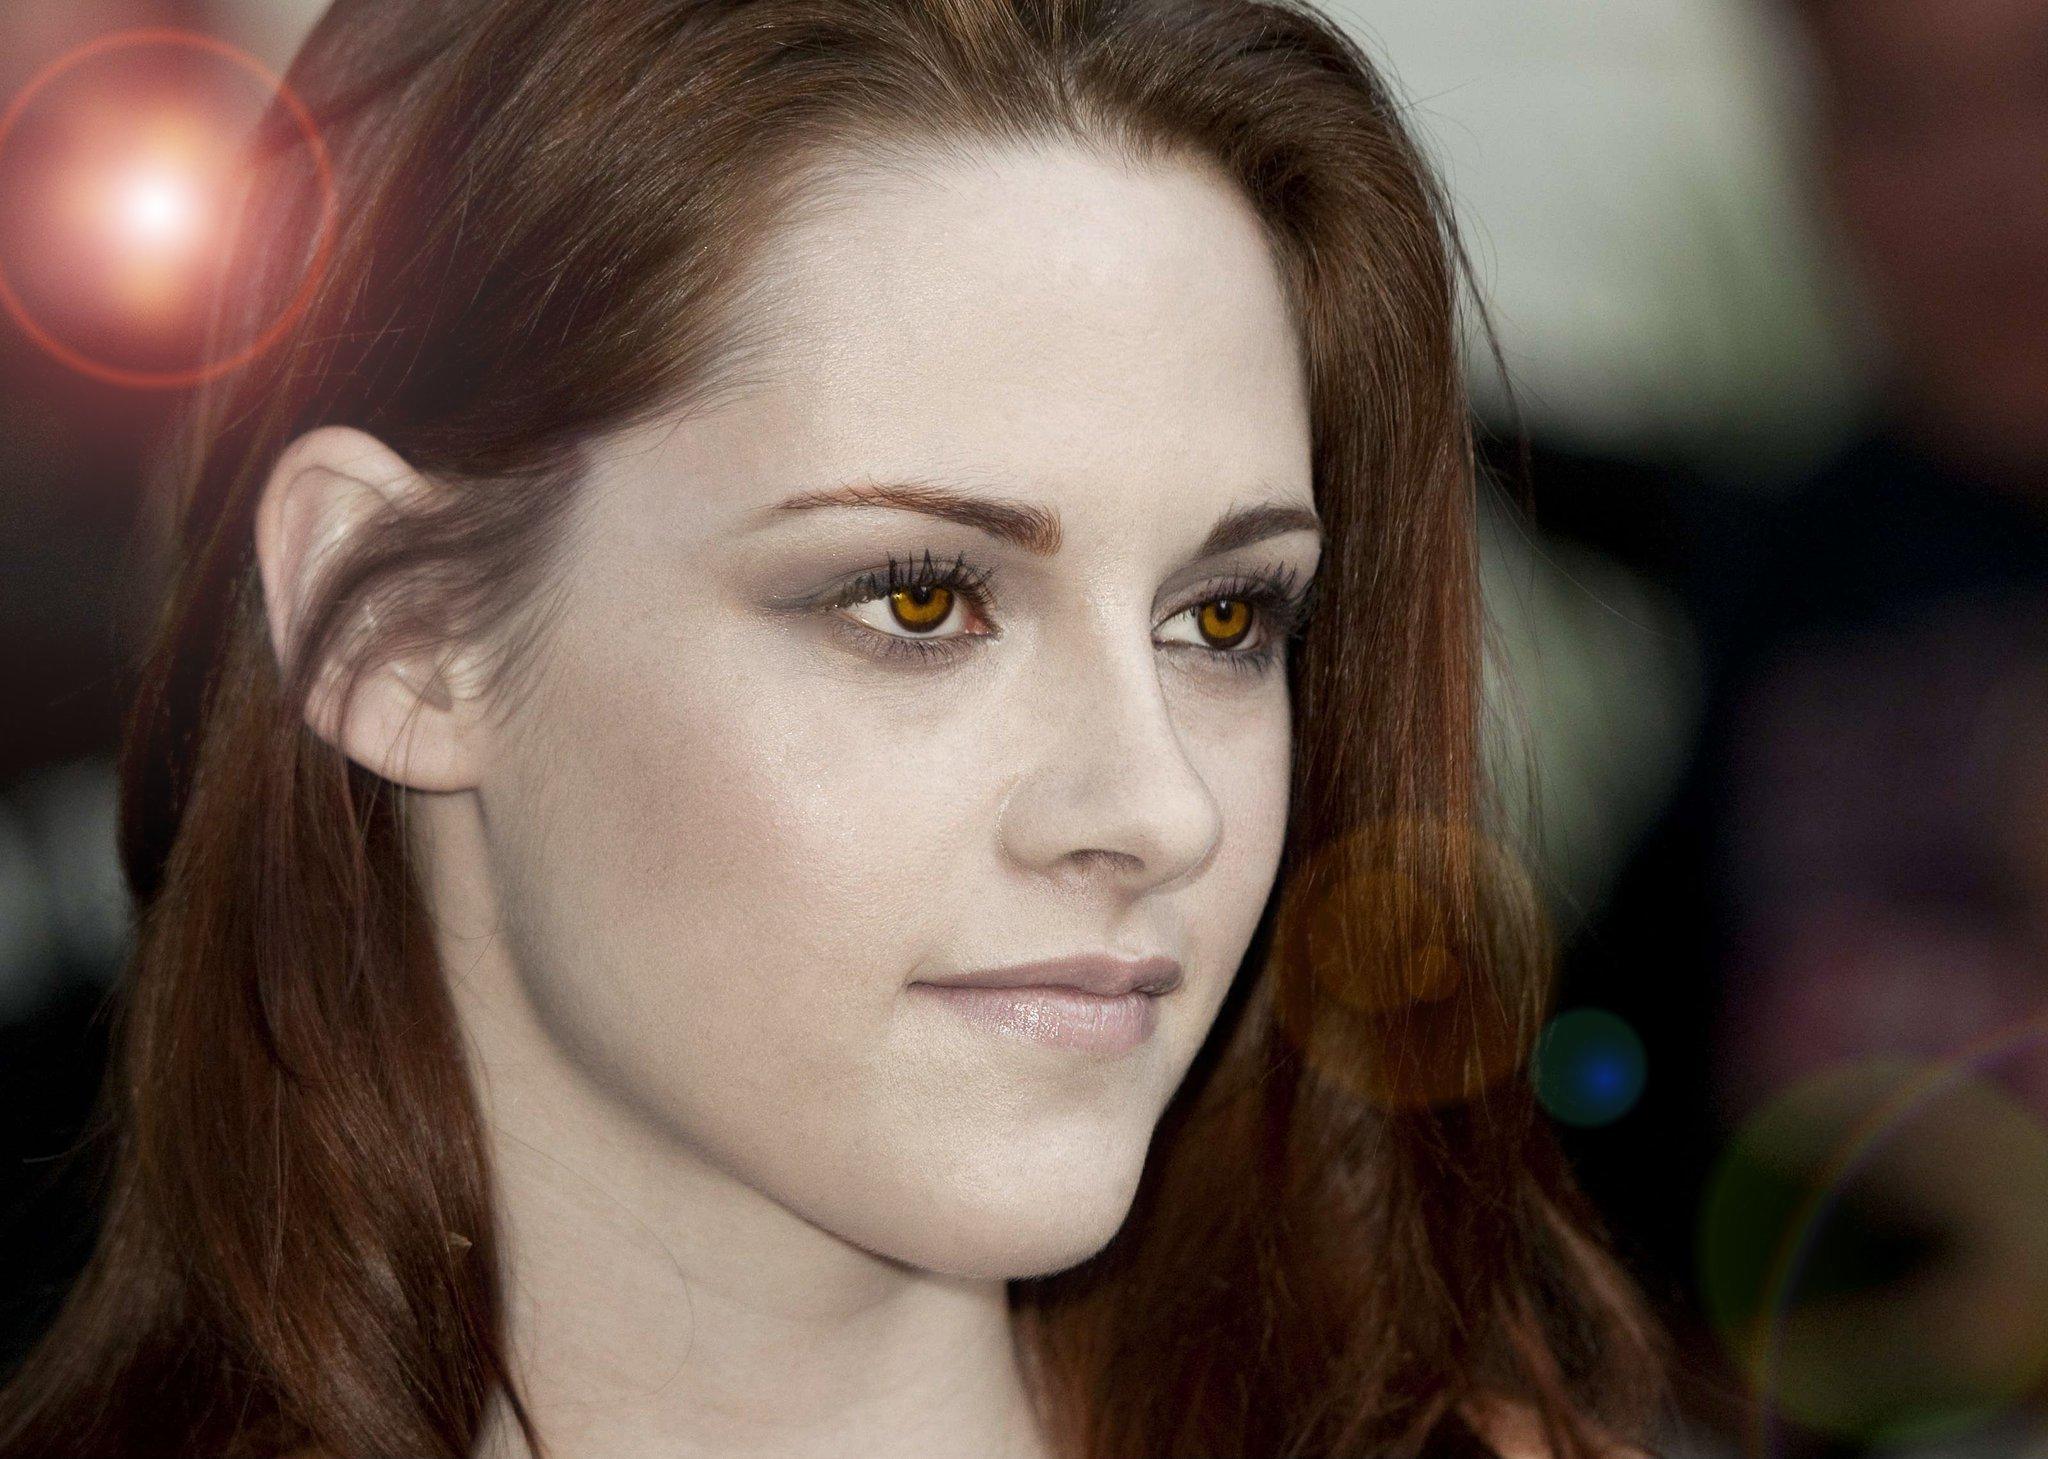 bella as a vampire fanmade twilight series fan art